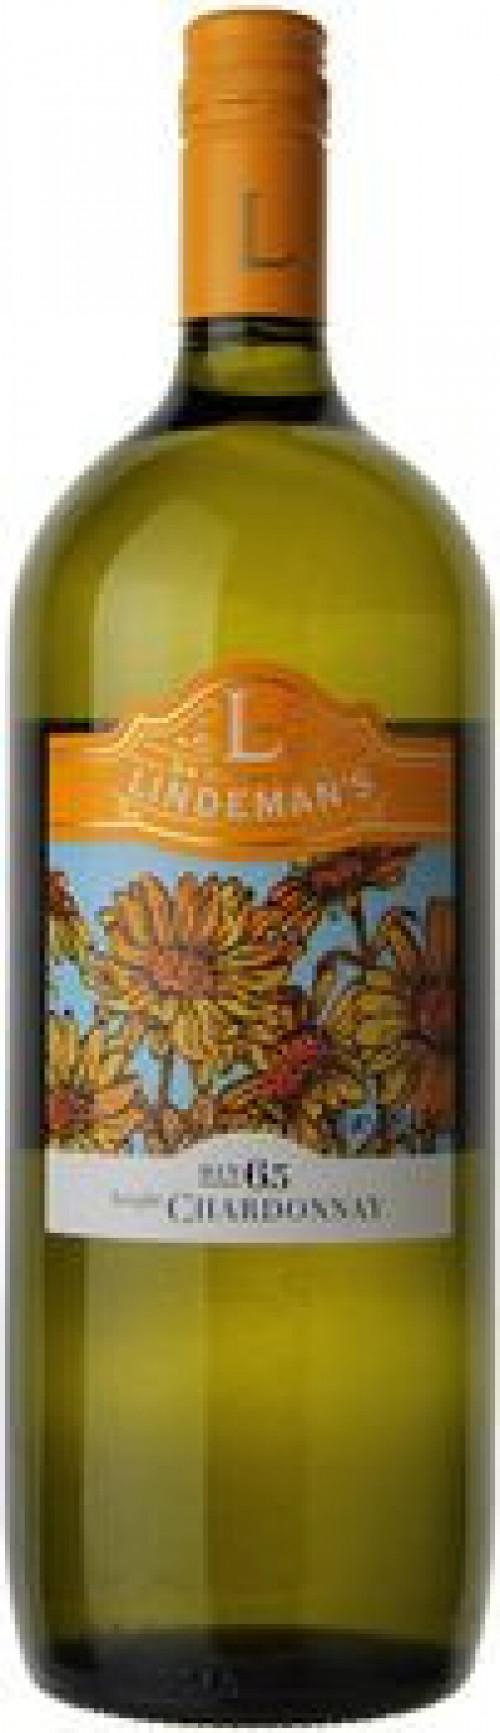 Lindeman's Bin 65 Chardonnay 1.5 Ltr